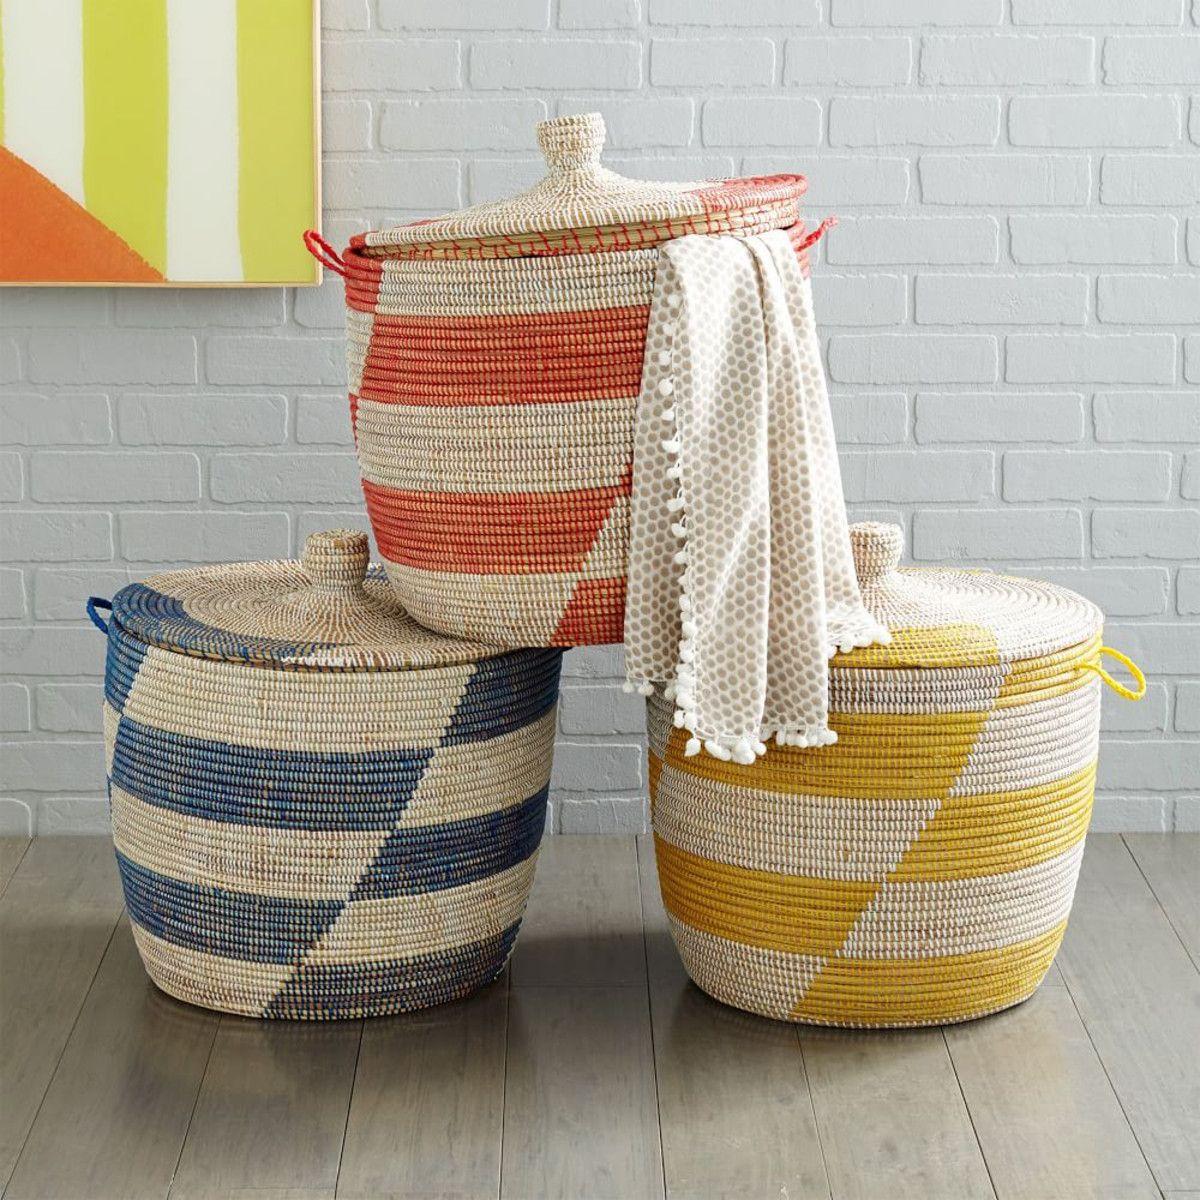 Amazing Graphic Printed Oversized Basket. Storage ...